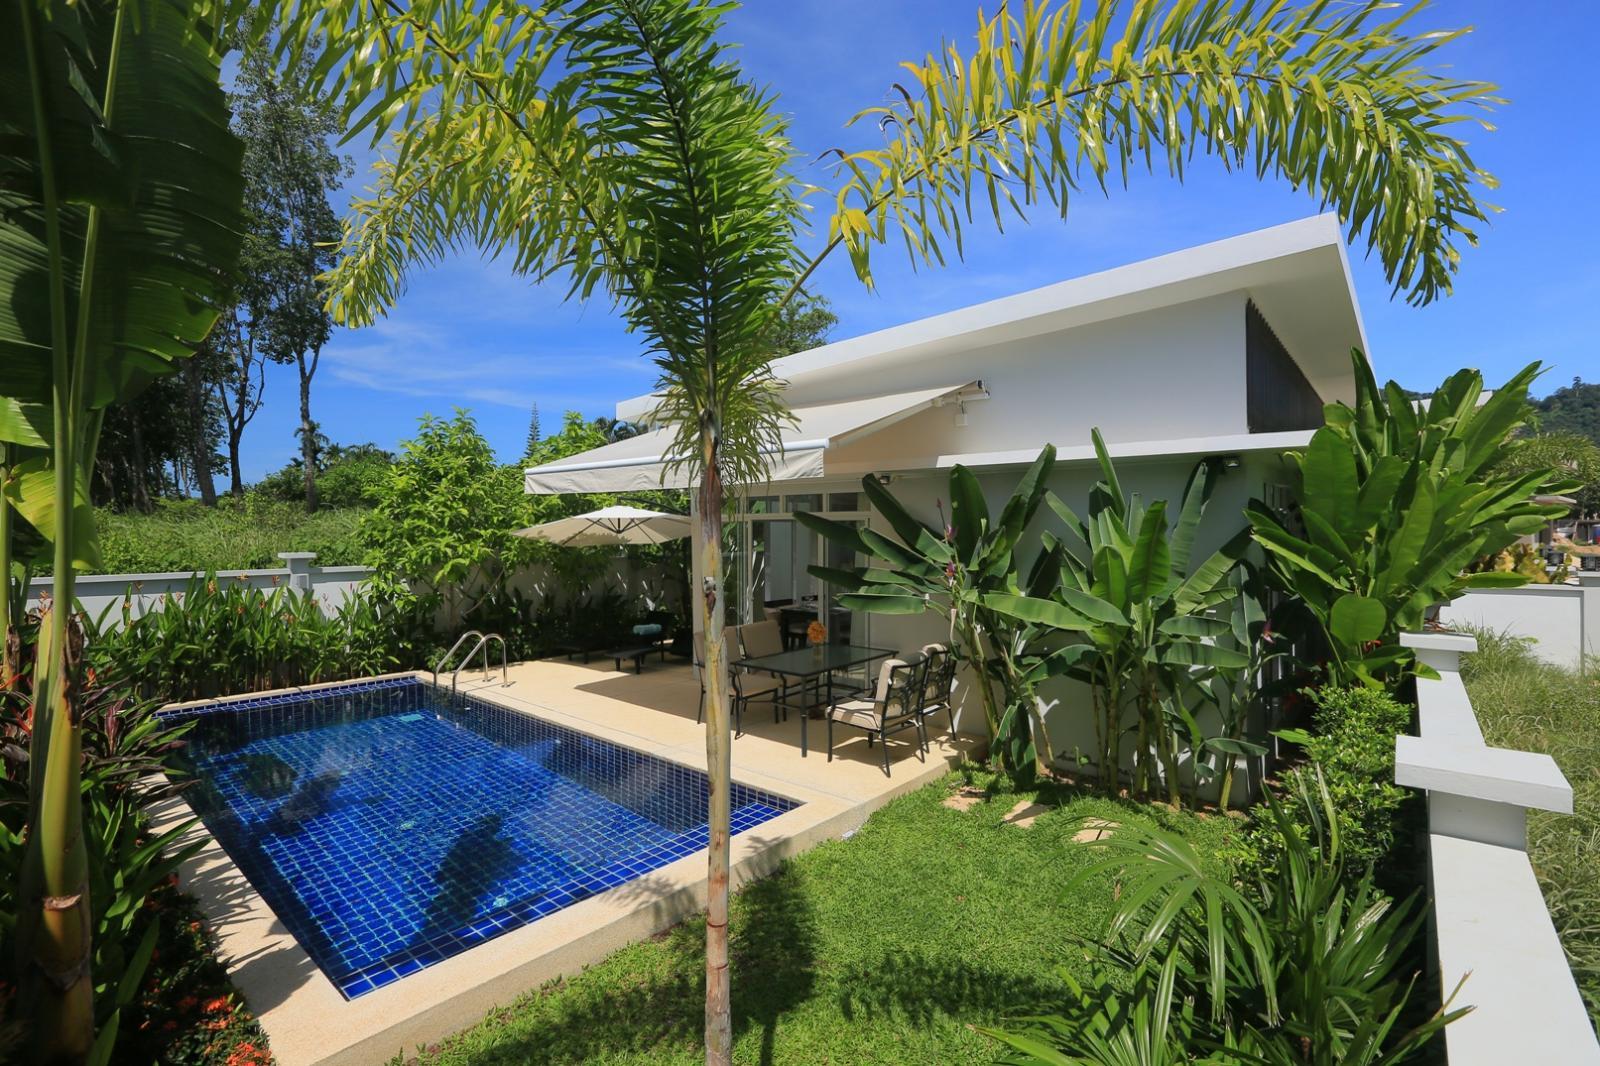 promo  69  off 3 br suzuki villa 2 1 min to beach open